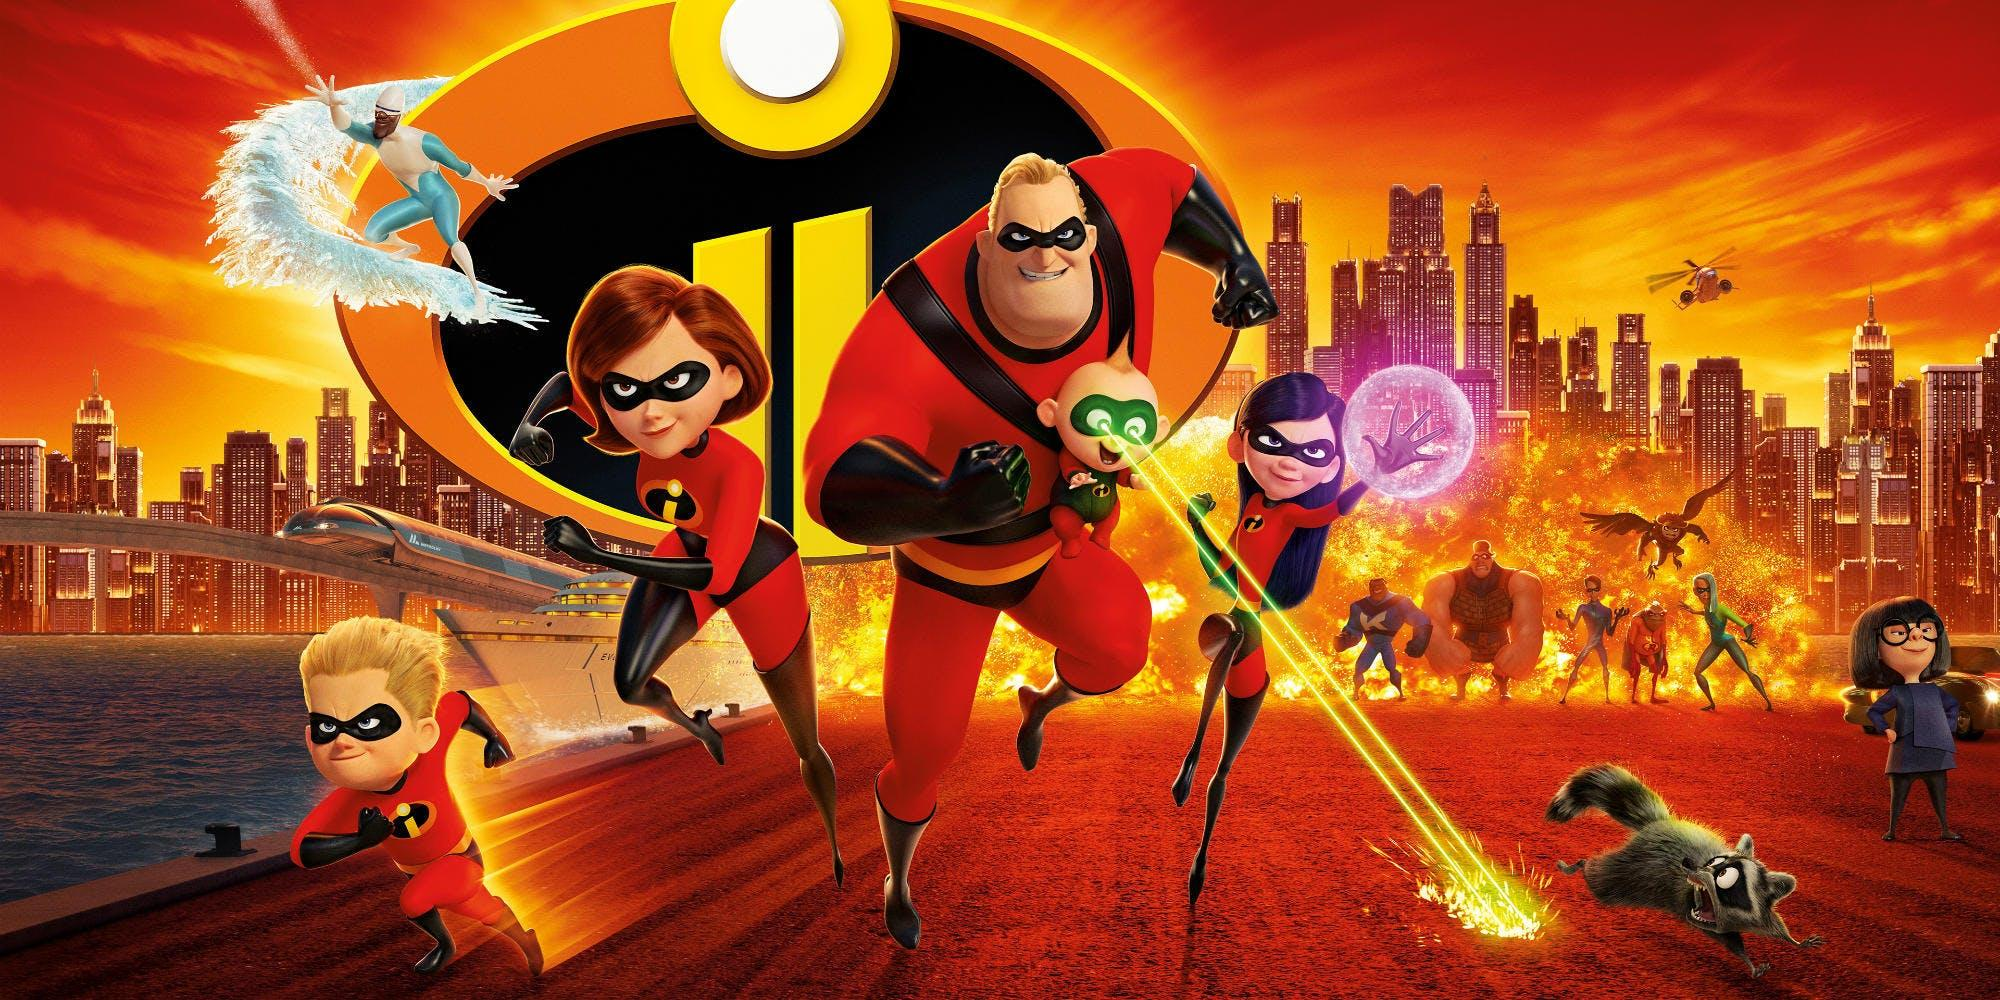 incredibles-2-movie-review.jpg (365.6 Kb)